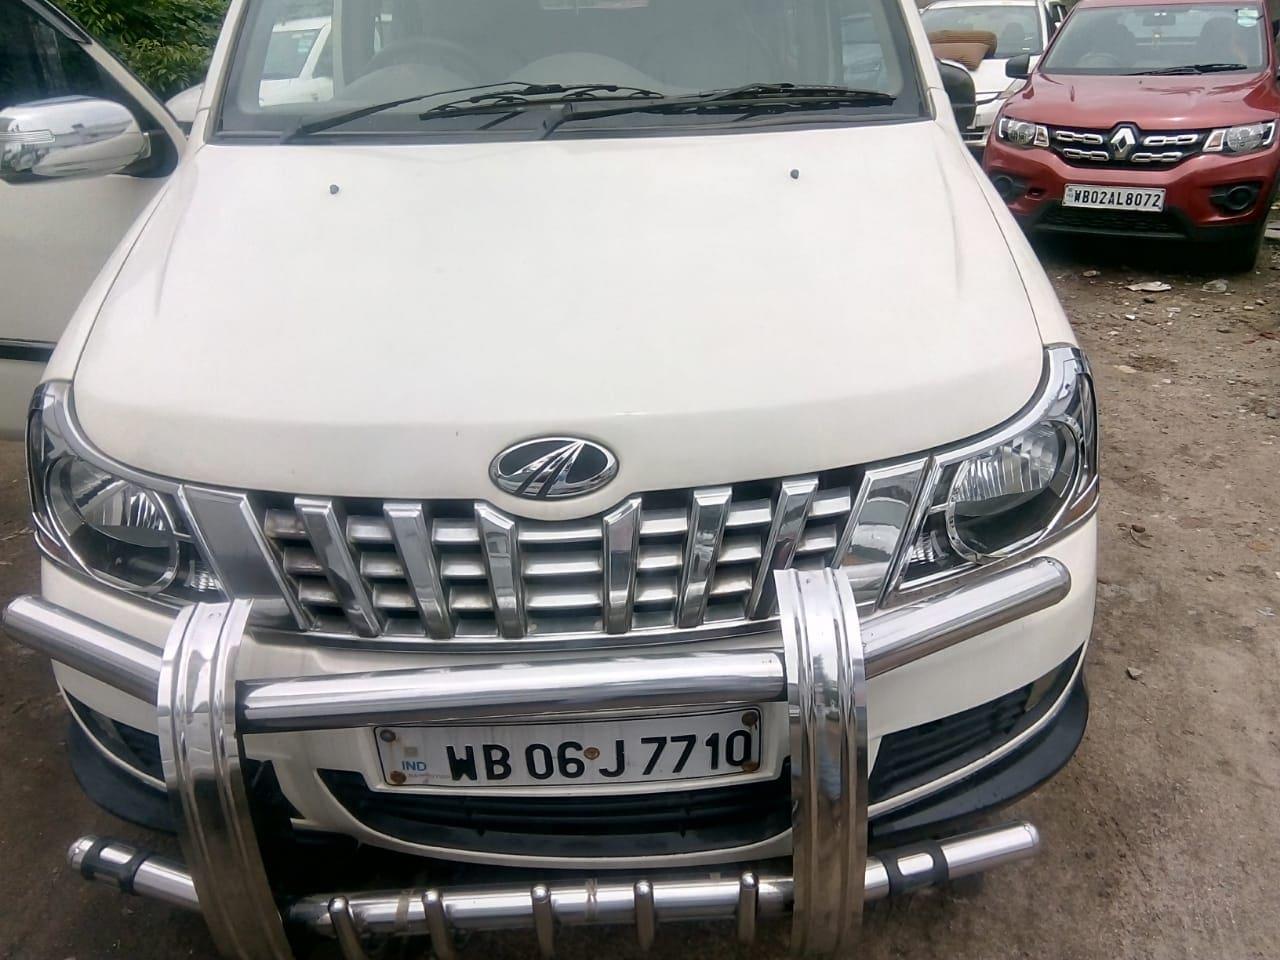 Mahindra Xylo 2009-2011 E8 ABS